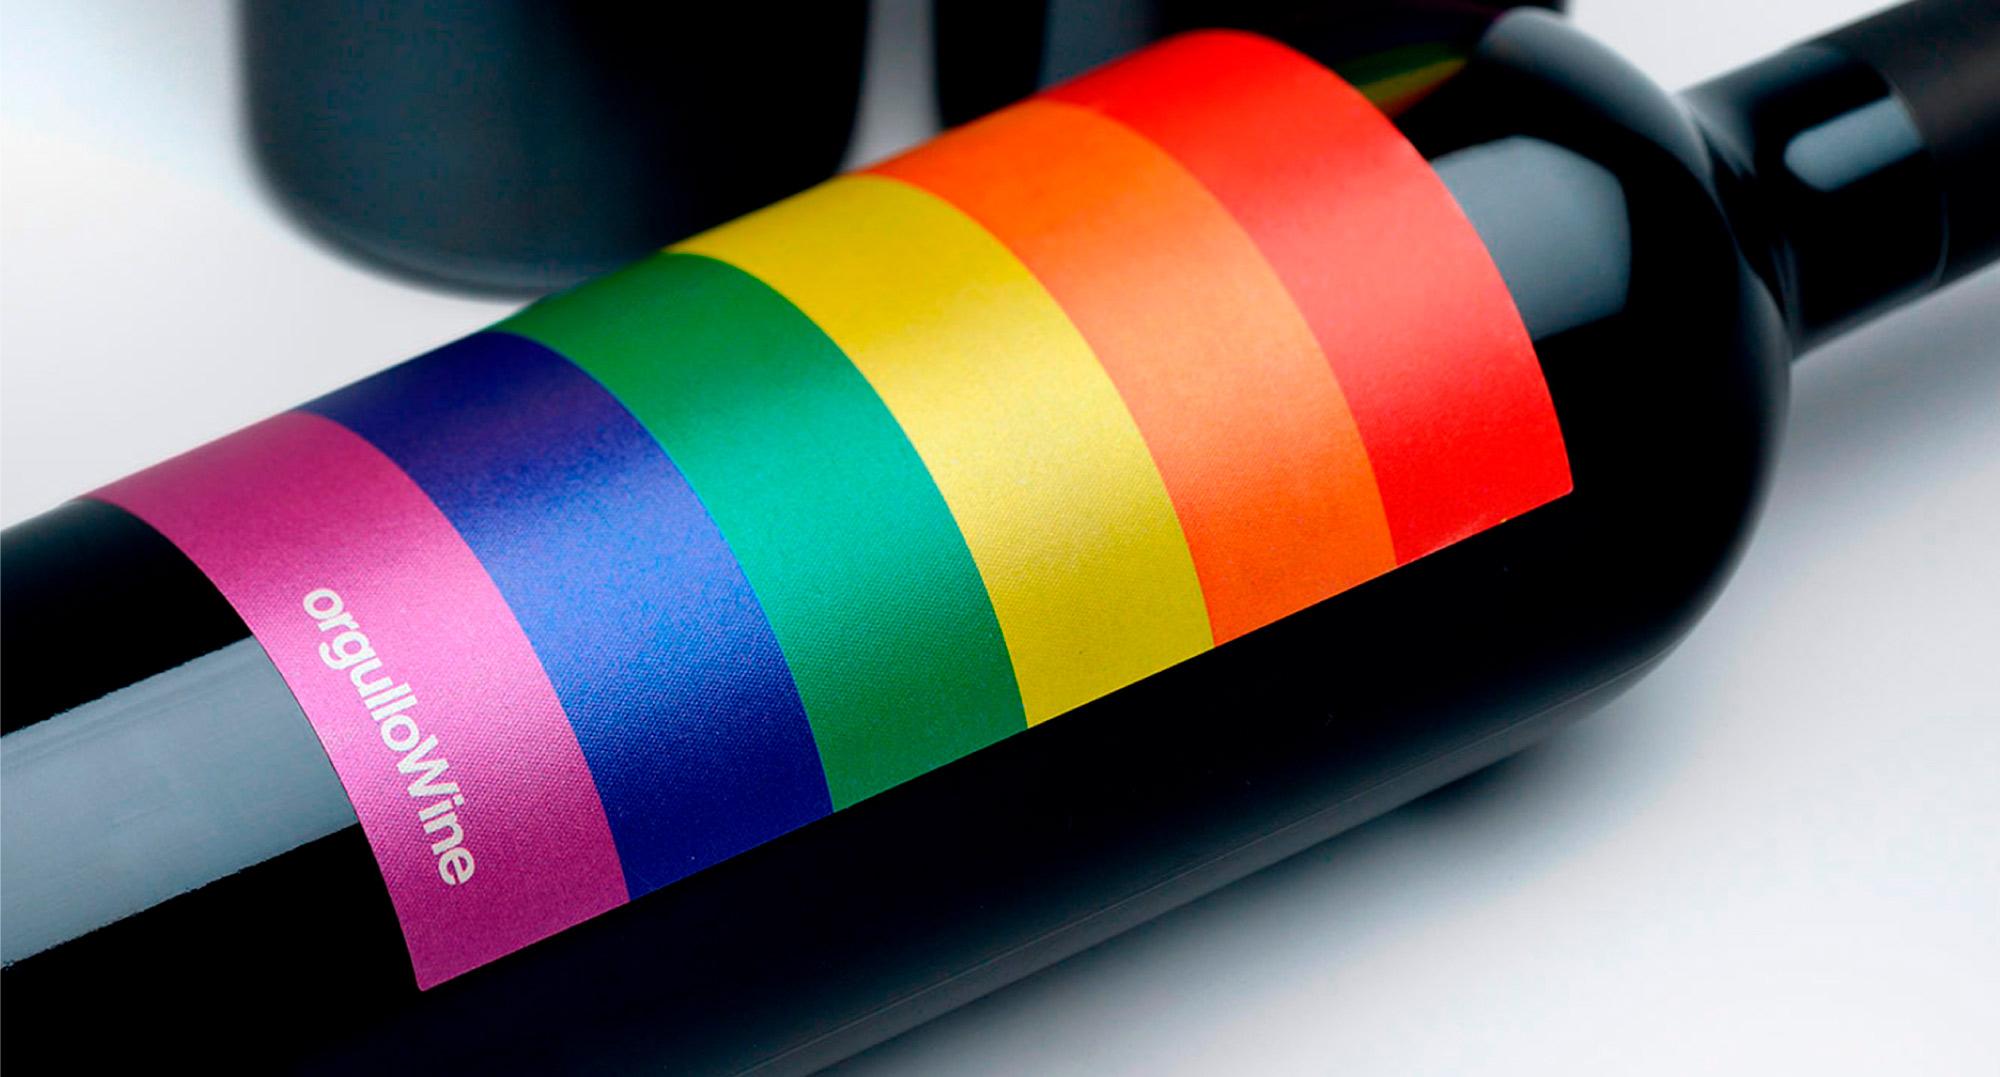 Orgullo-wine-branding-03